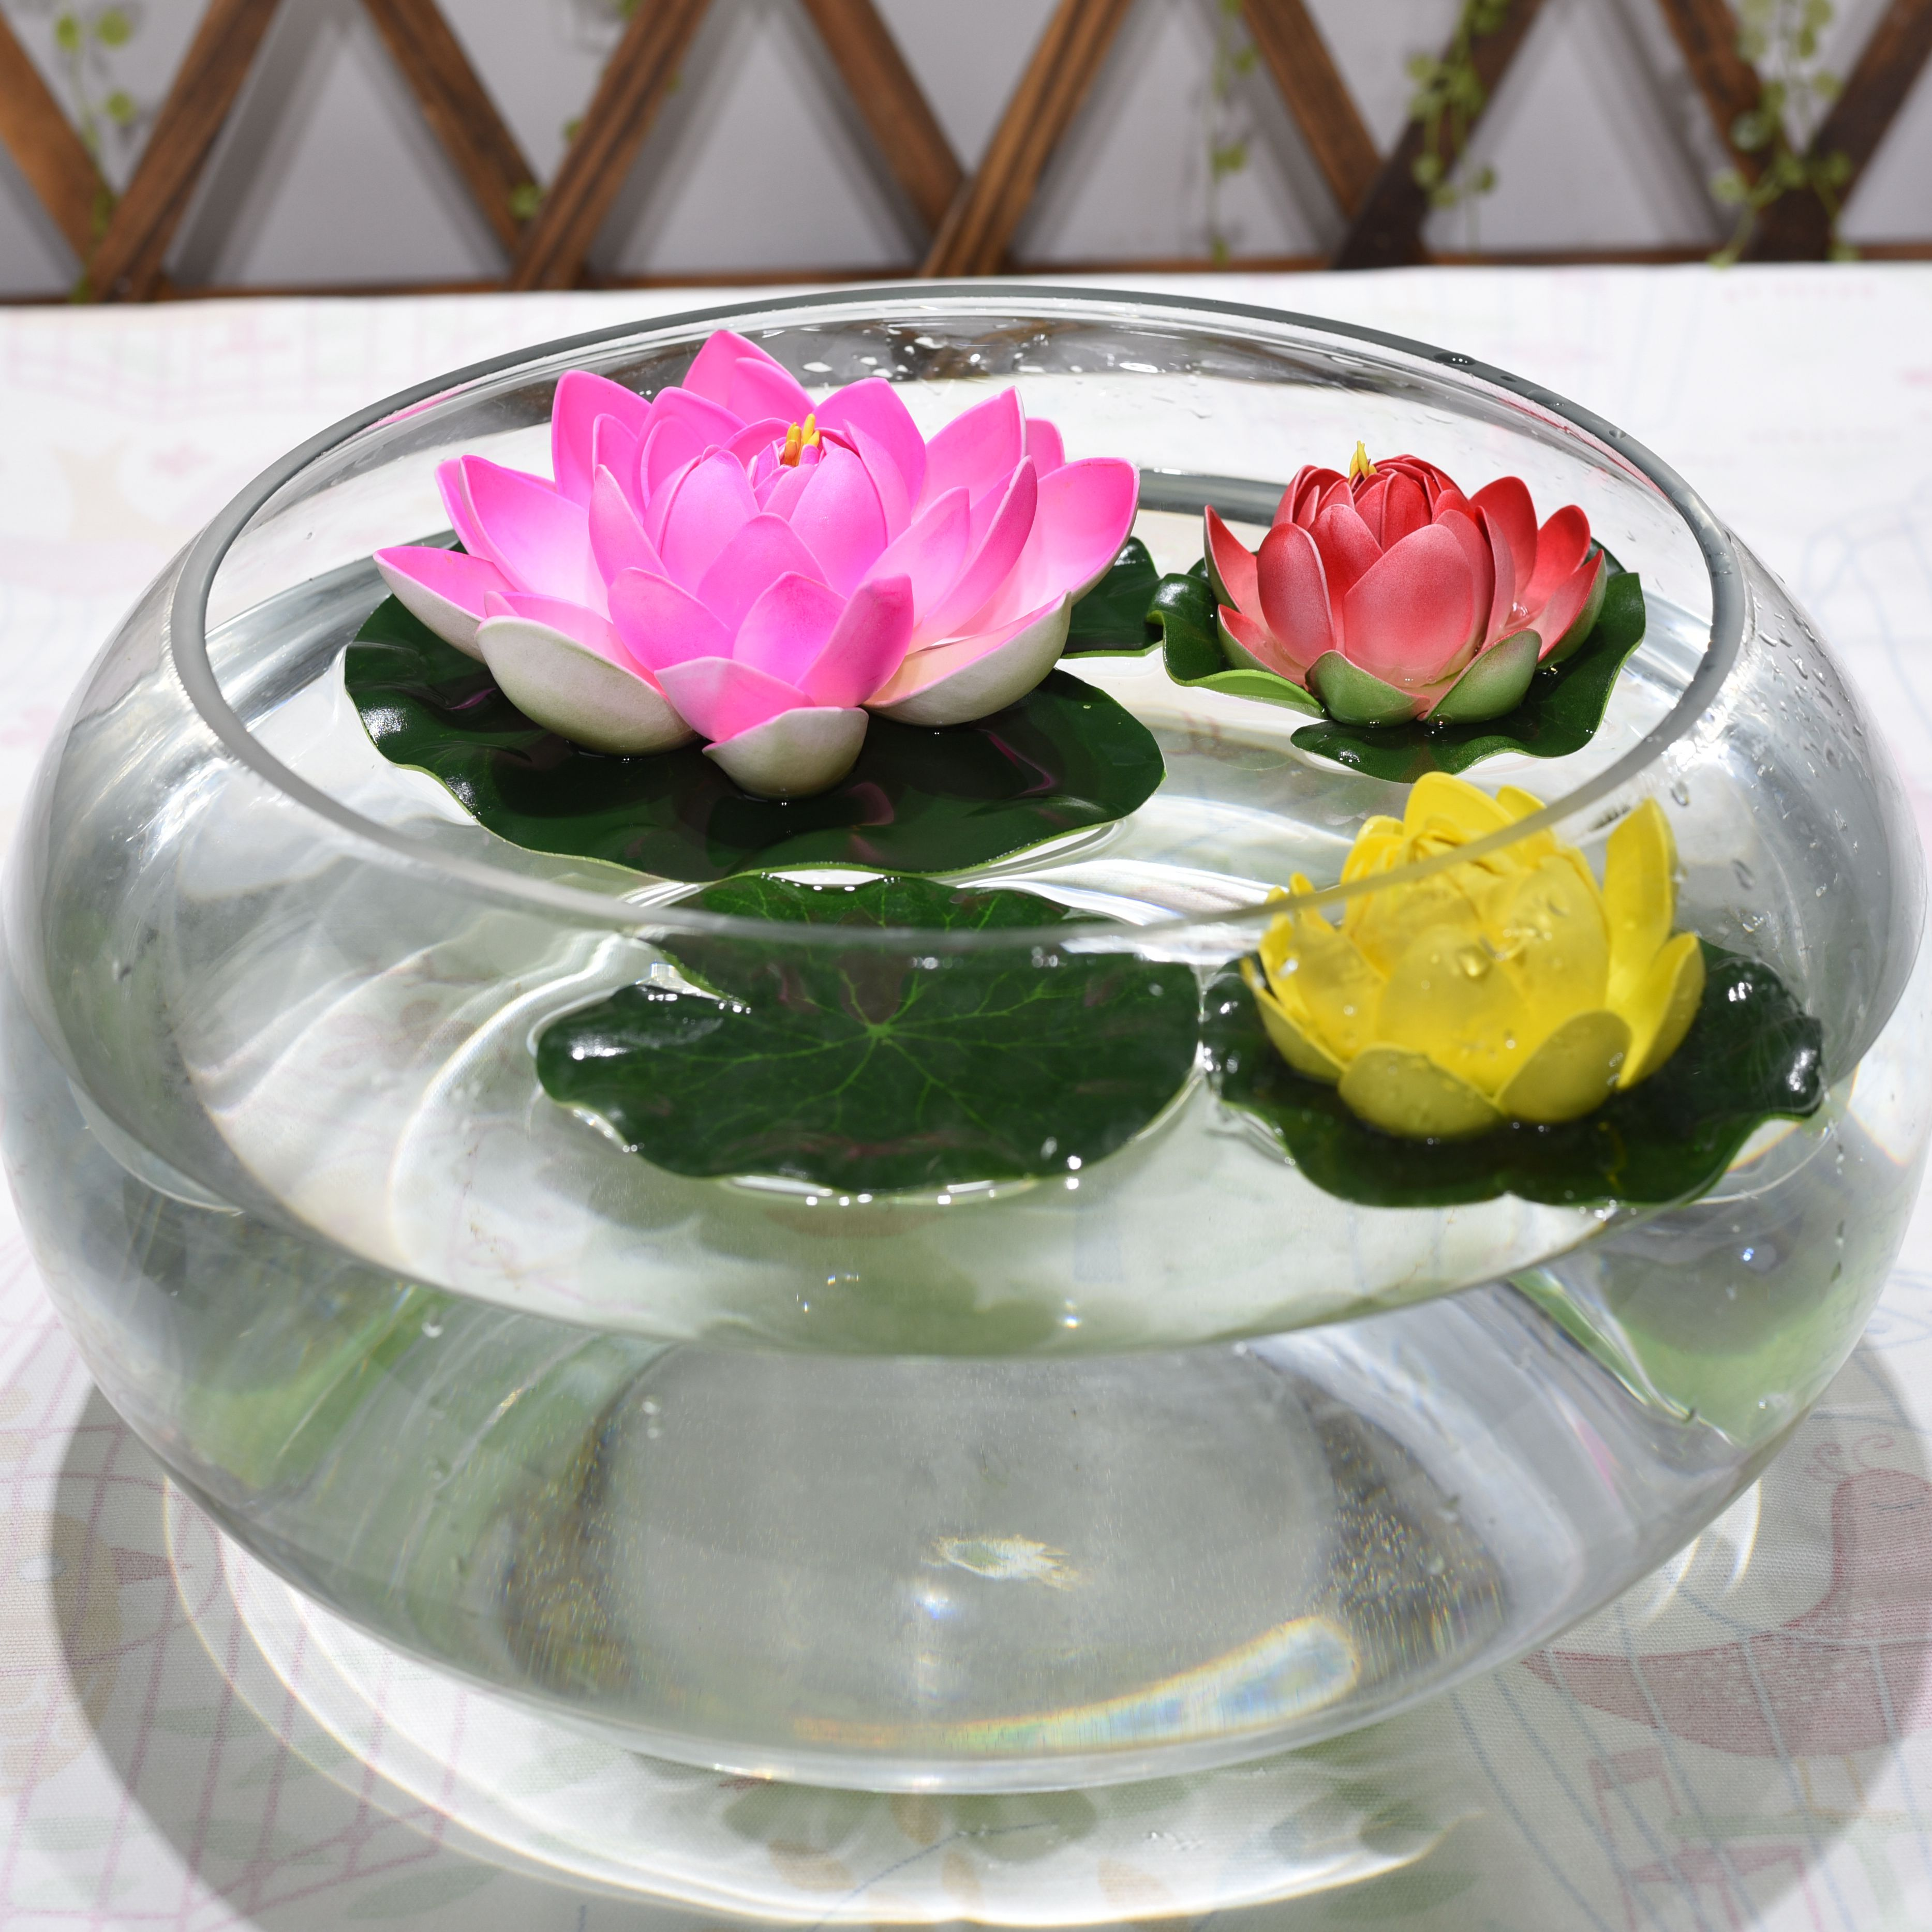 1pcs 17cm Artificial Lotus Flowers Fake Bouquet For Wedding